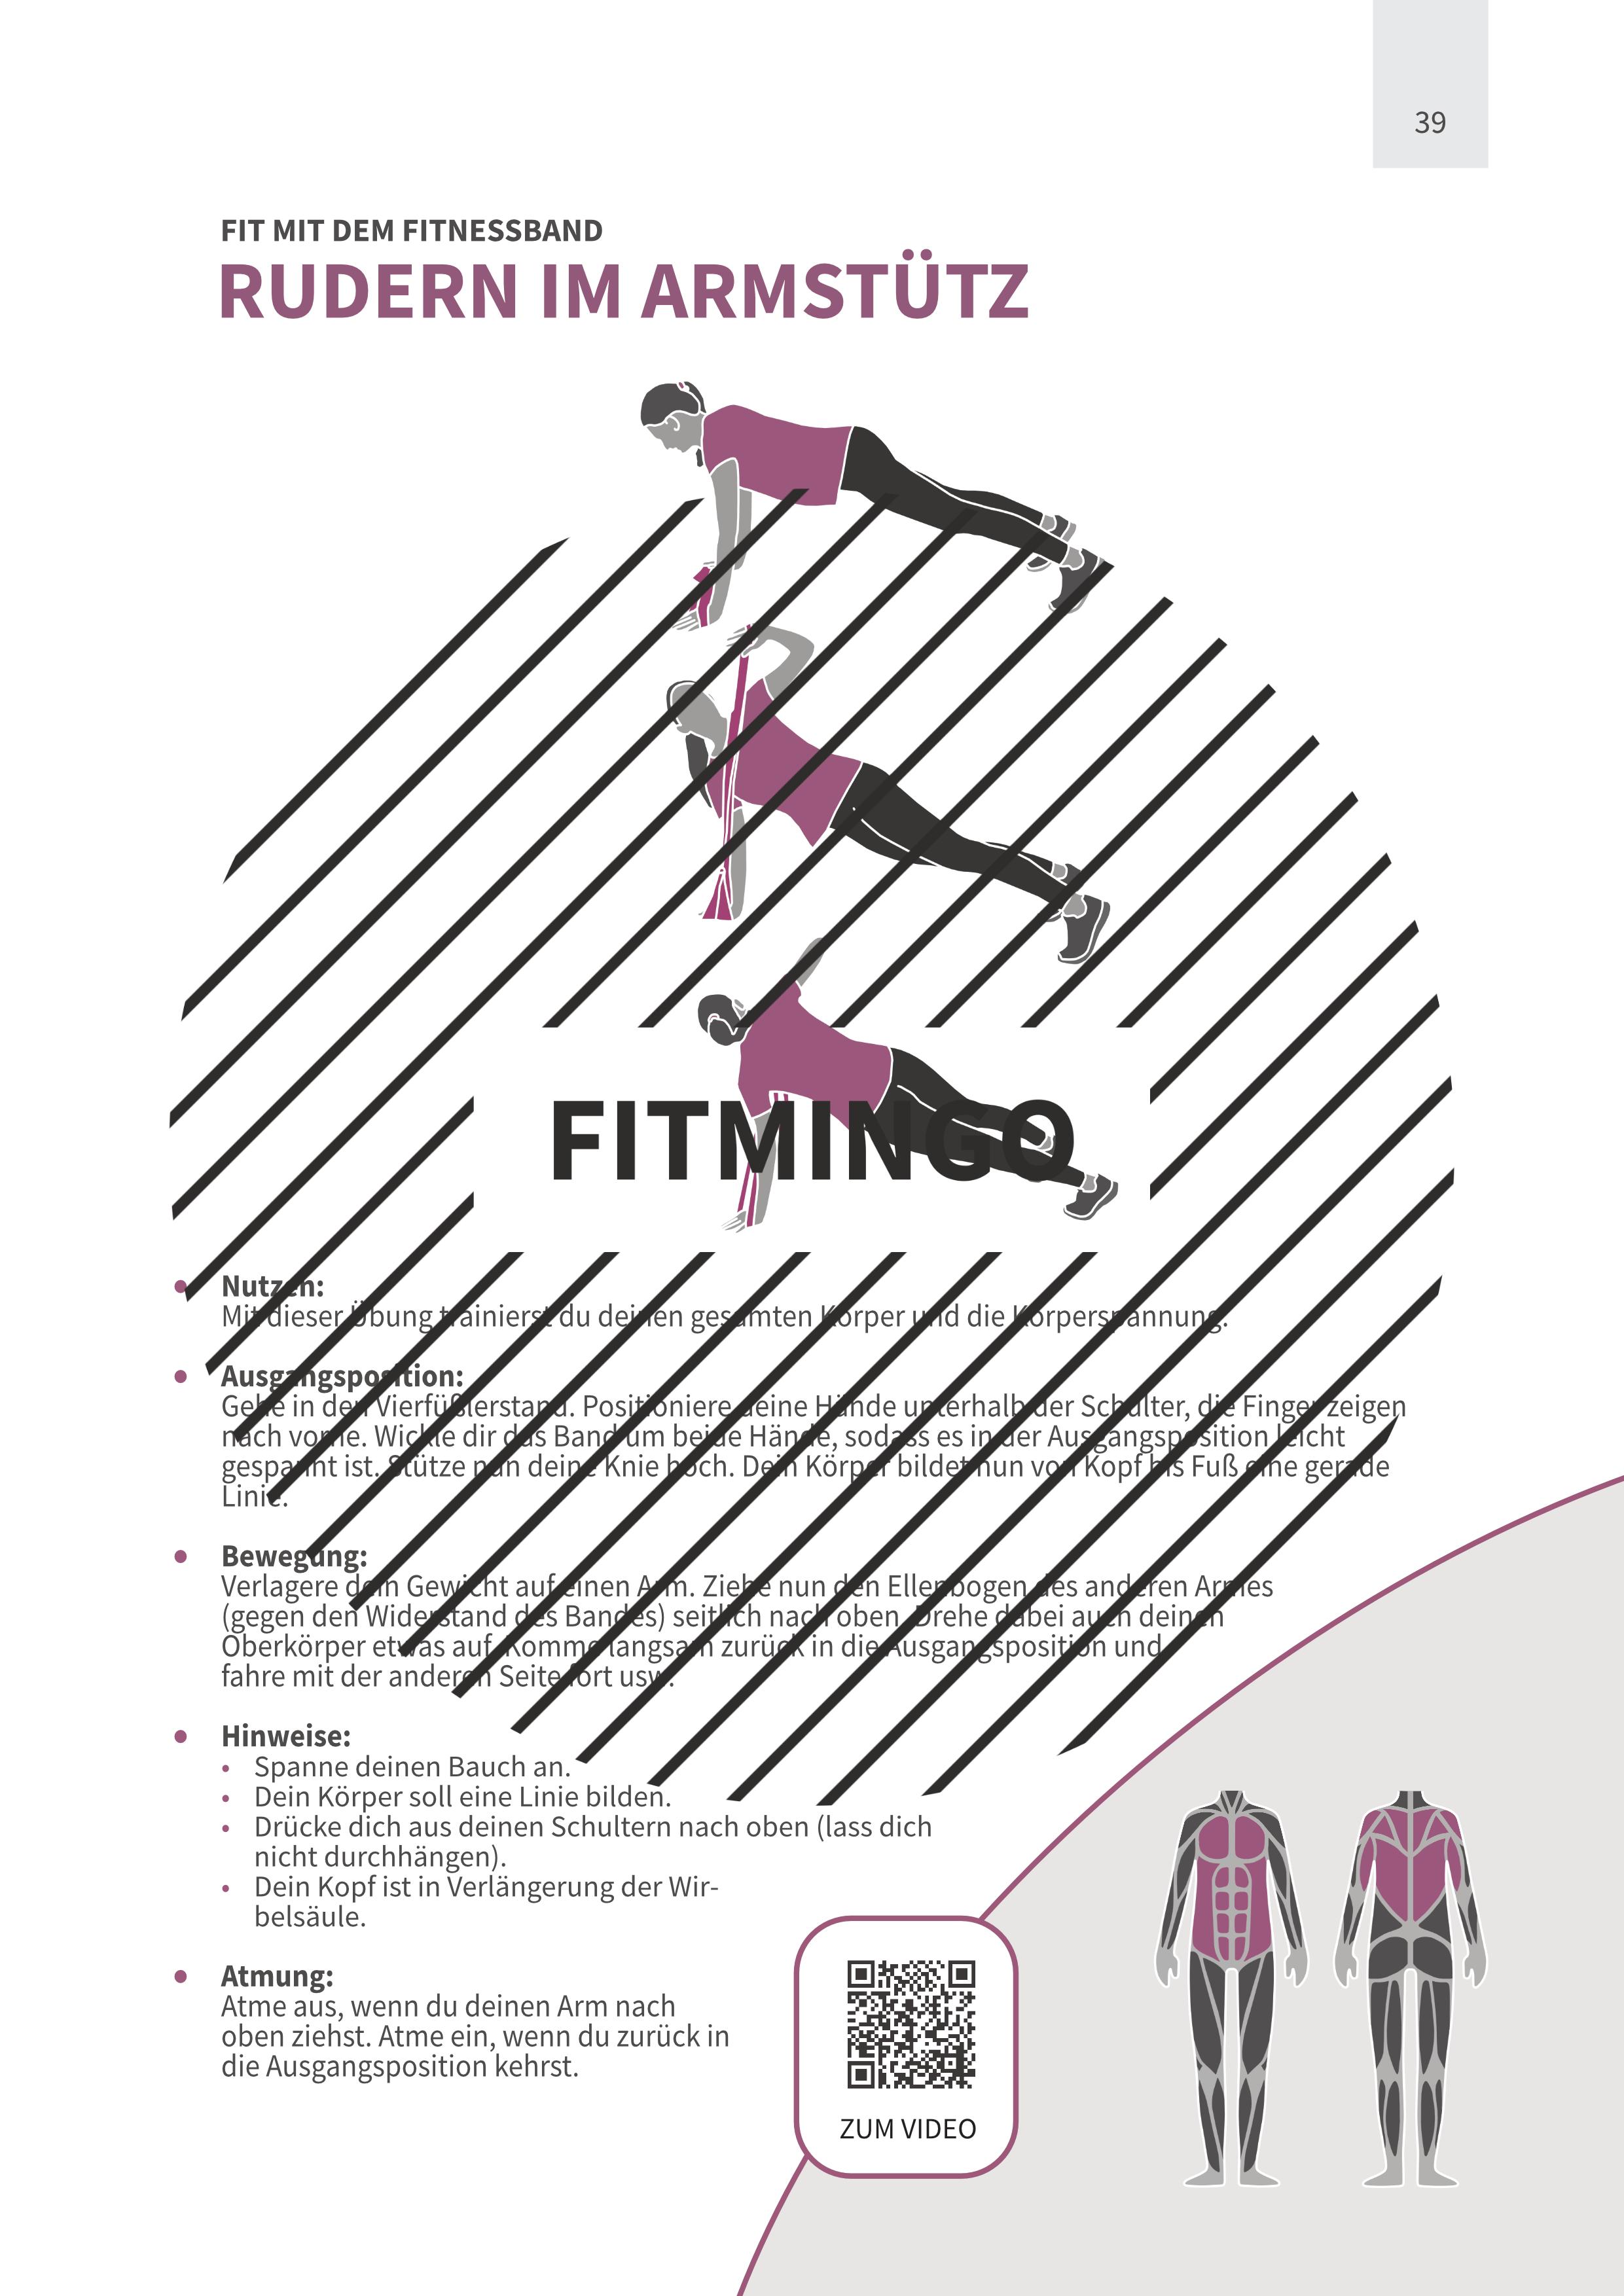 Rudern im Armstütz mit Fitnessband